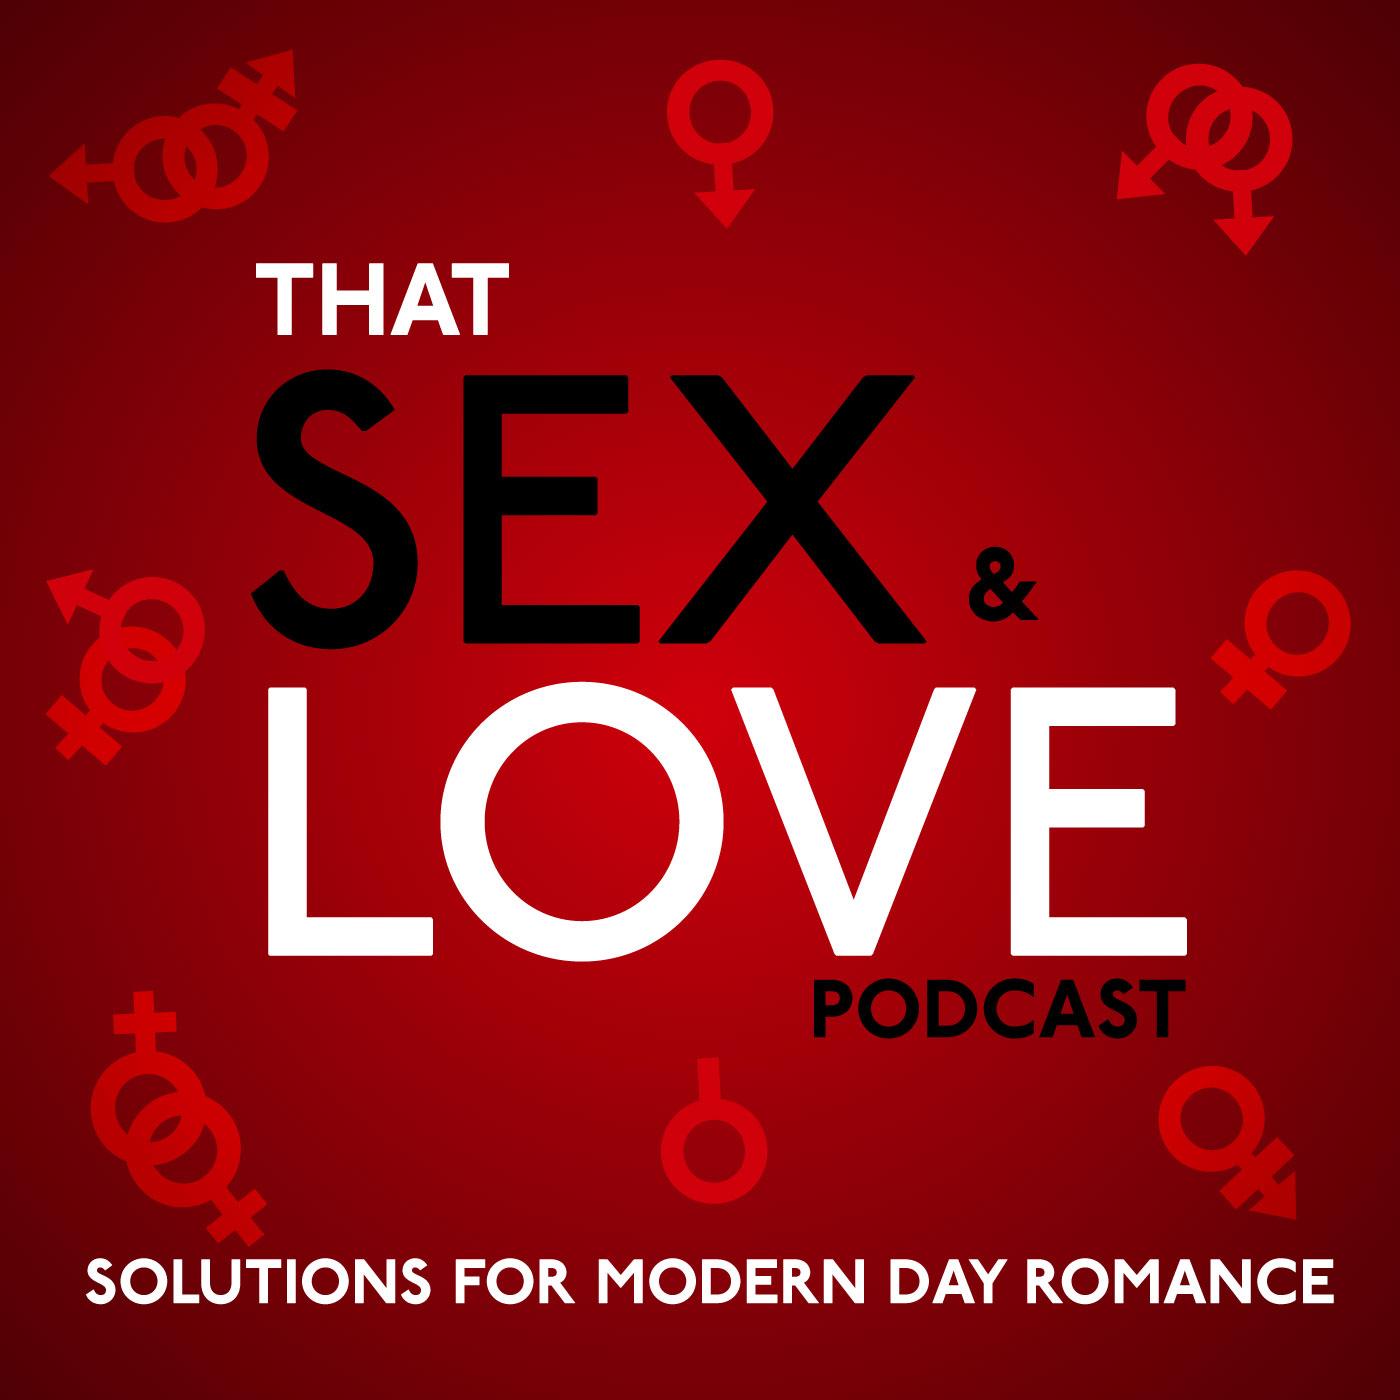 Свободный секс и любовь